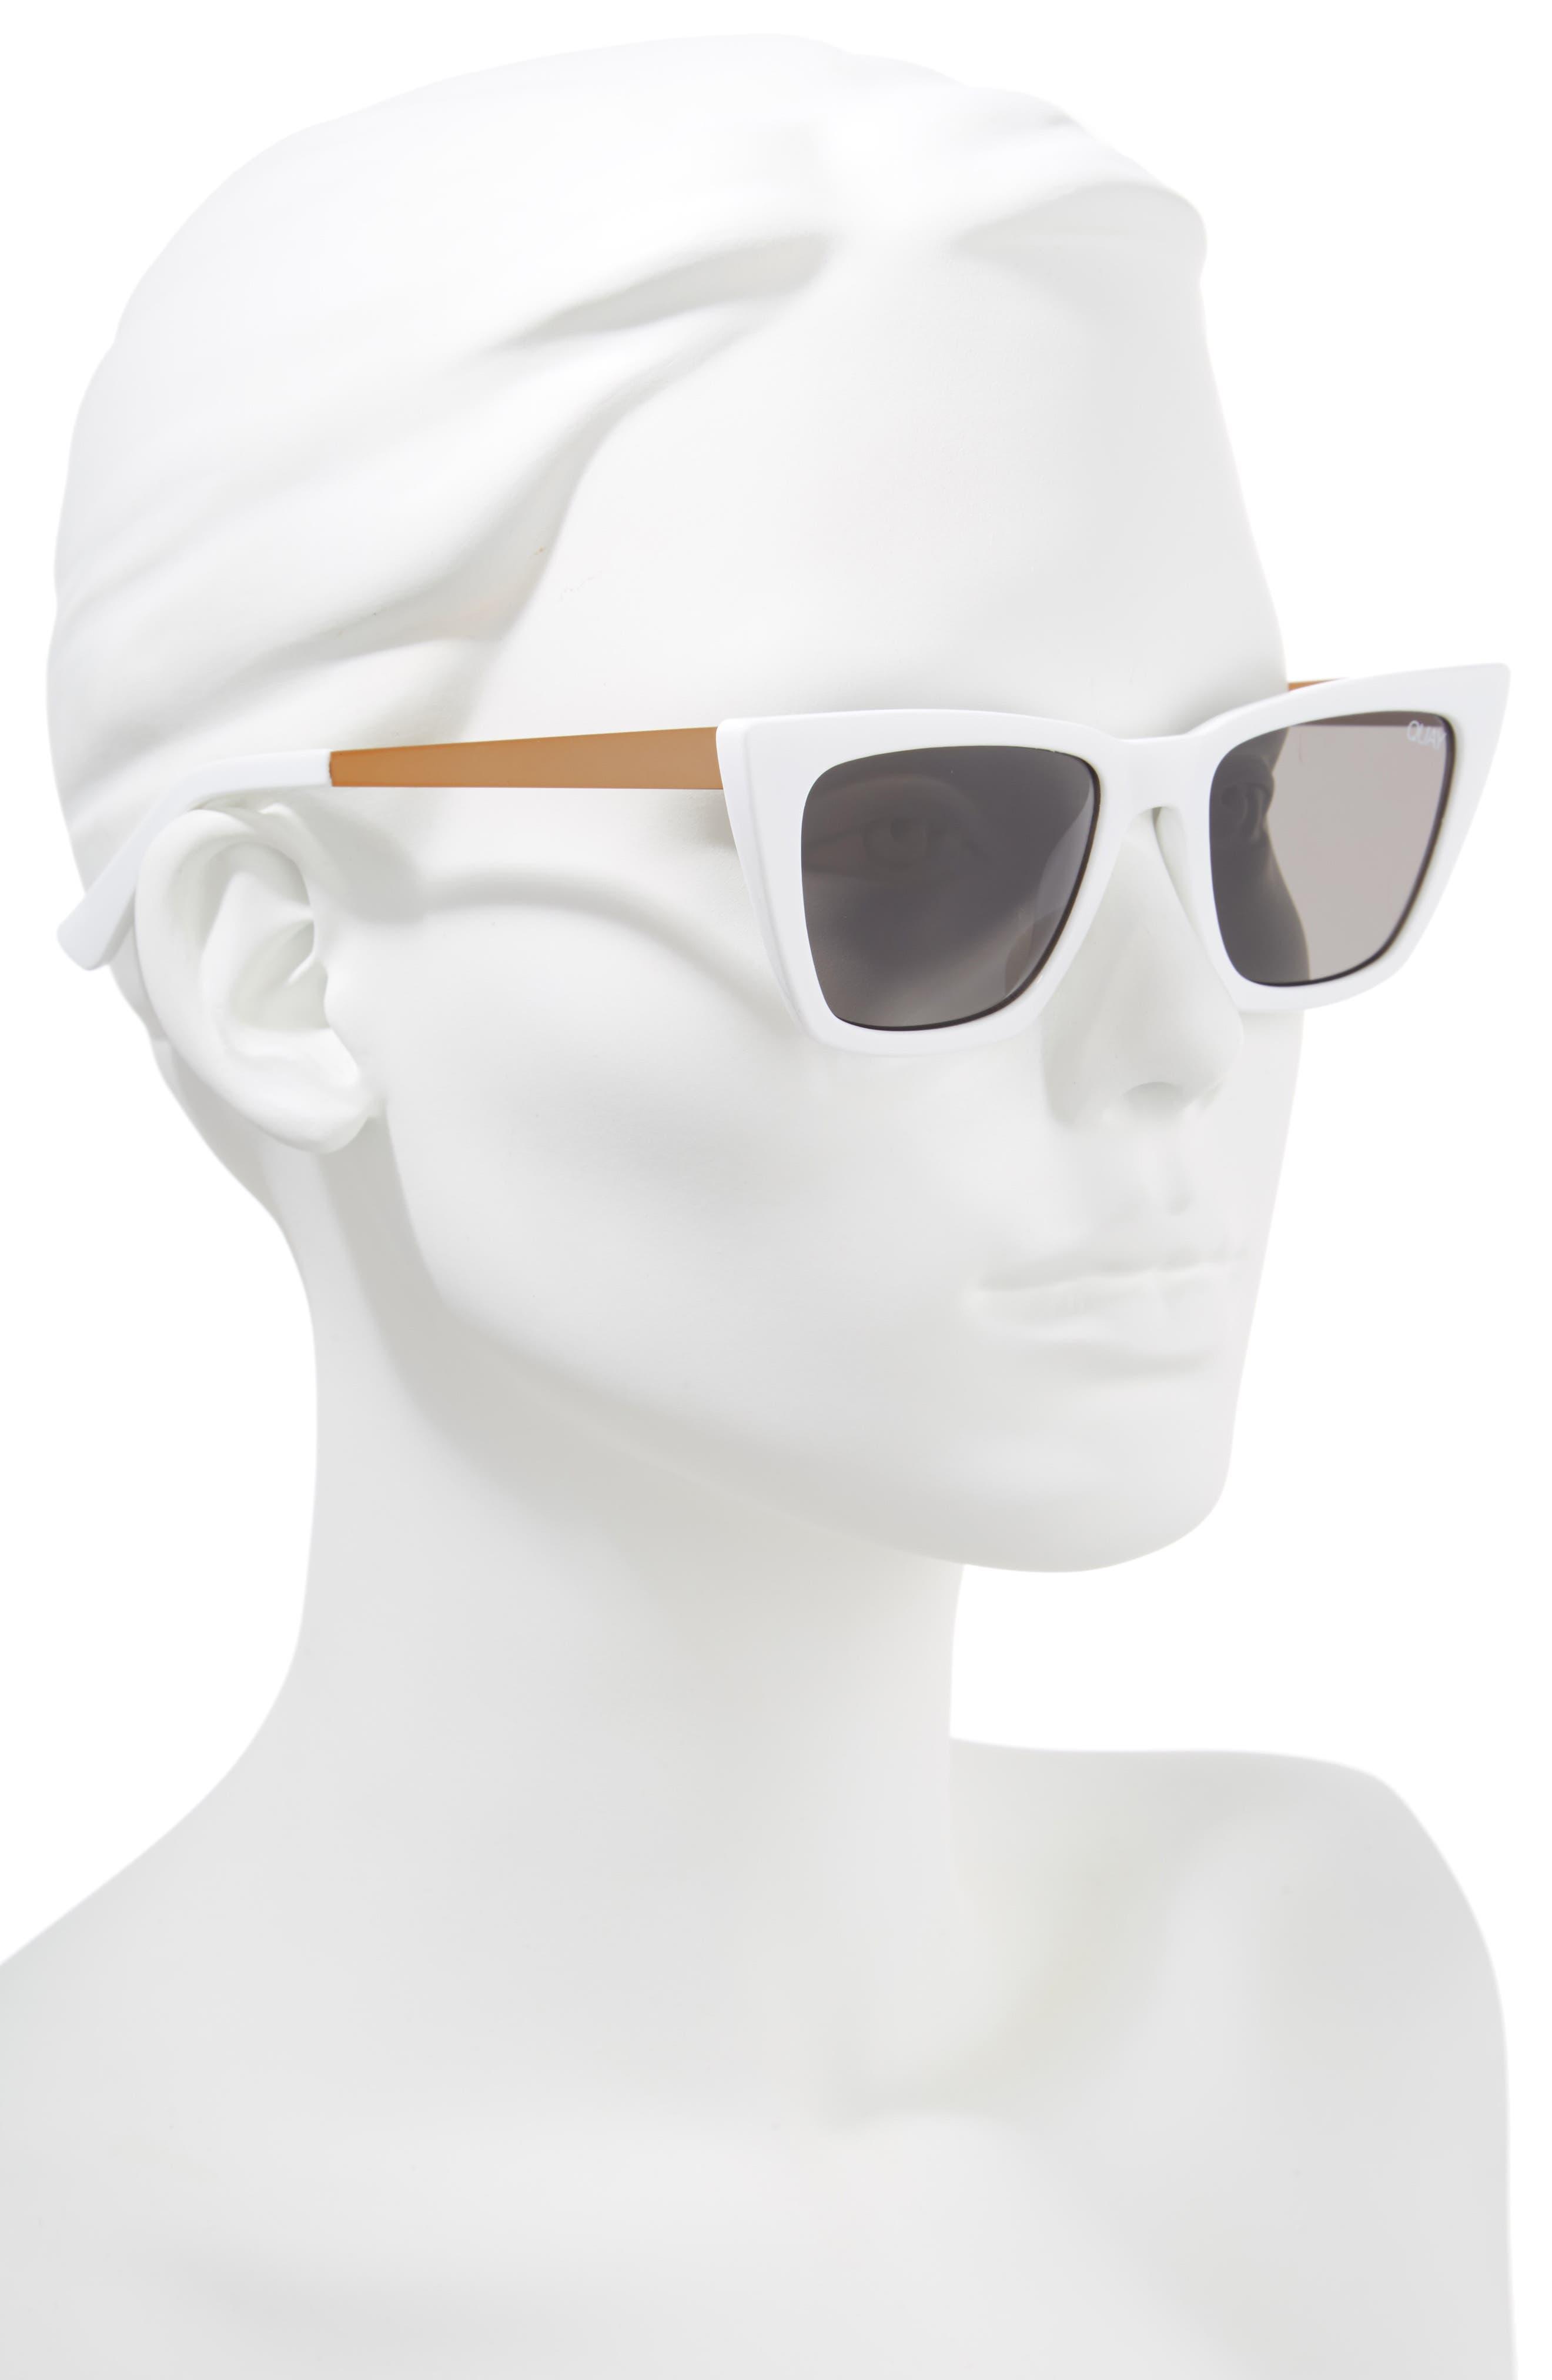 x Desi Perkins Don't @ Me 48mm Cat Eye Sunglasses,                             Alternate thumbnail 2, color,                             WHITE/ SMOKE